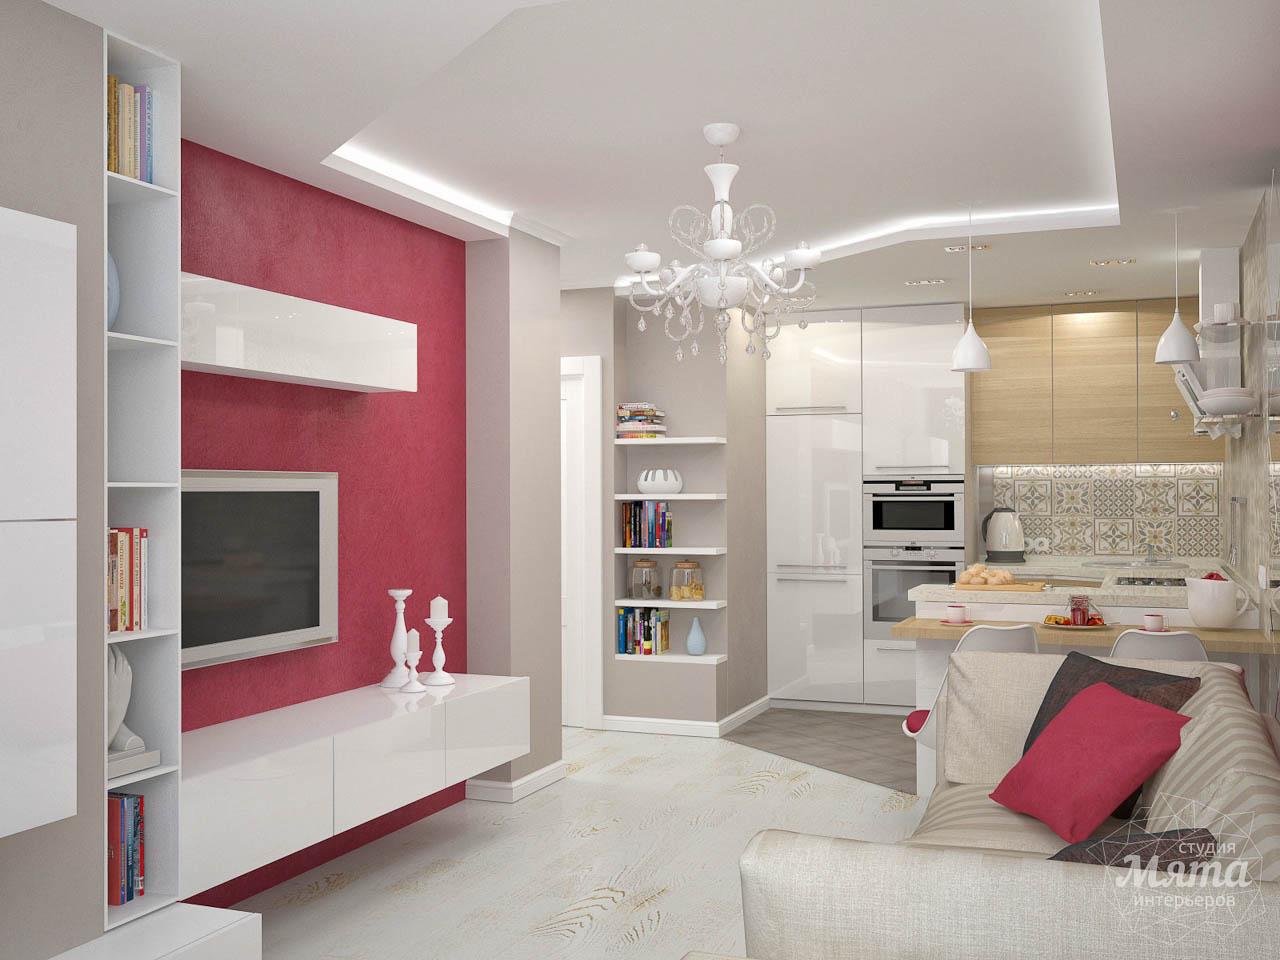 Дизайн интерьера и ремонт трехкомнатной квартиры по ул. Фучика 9 img58306572